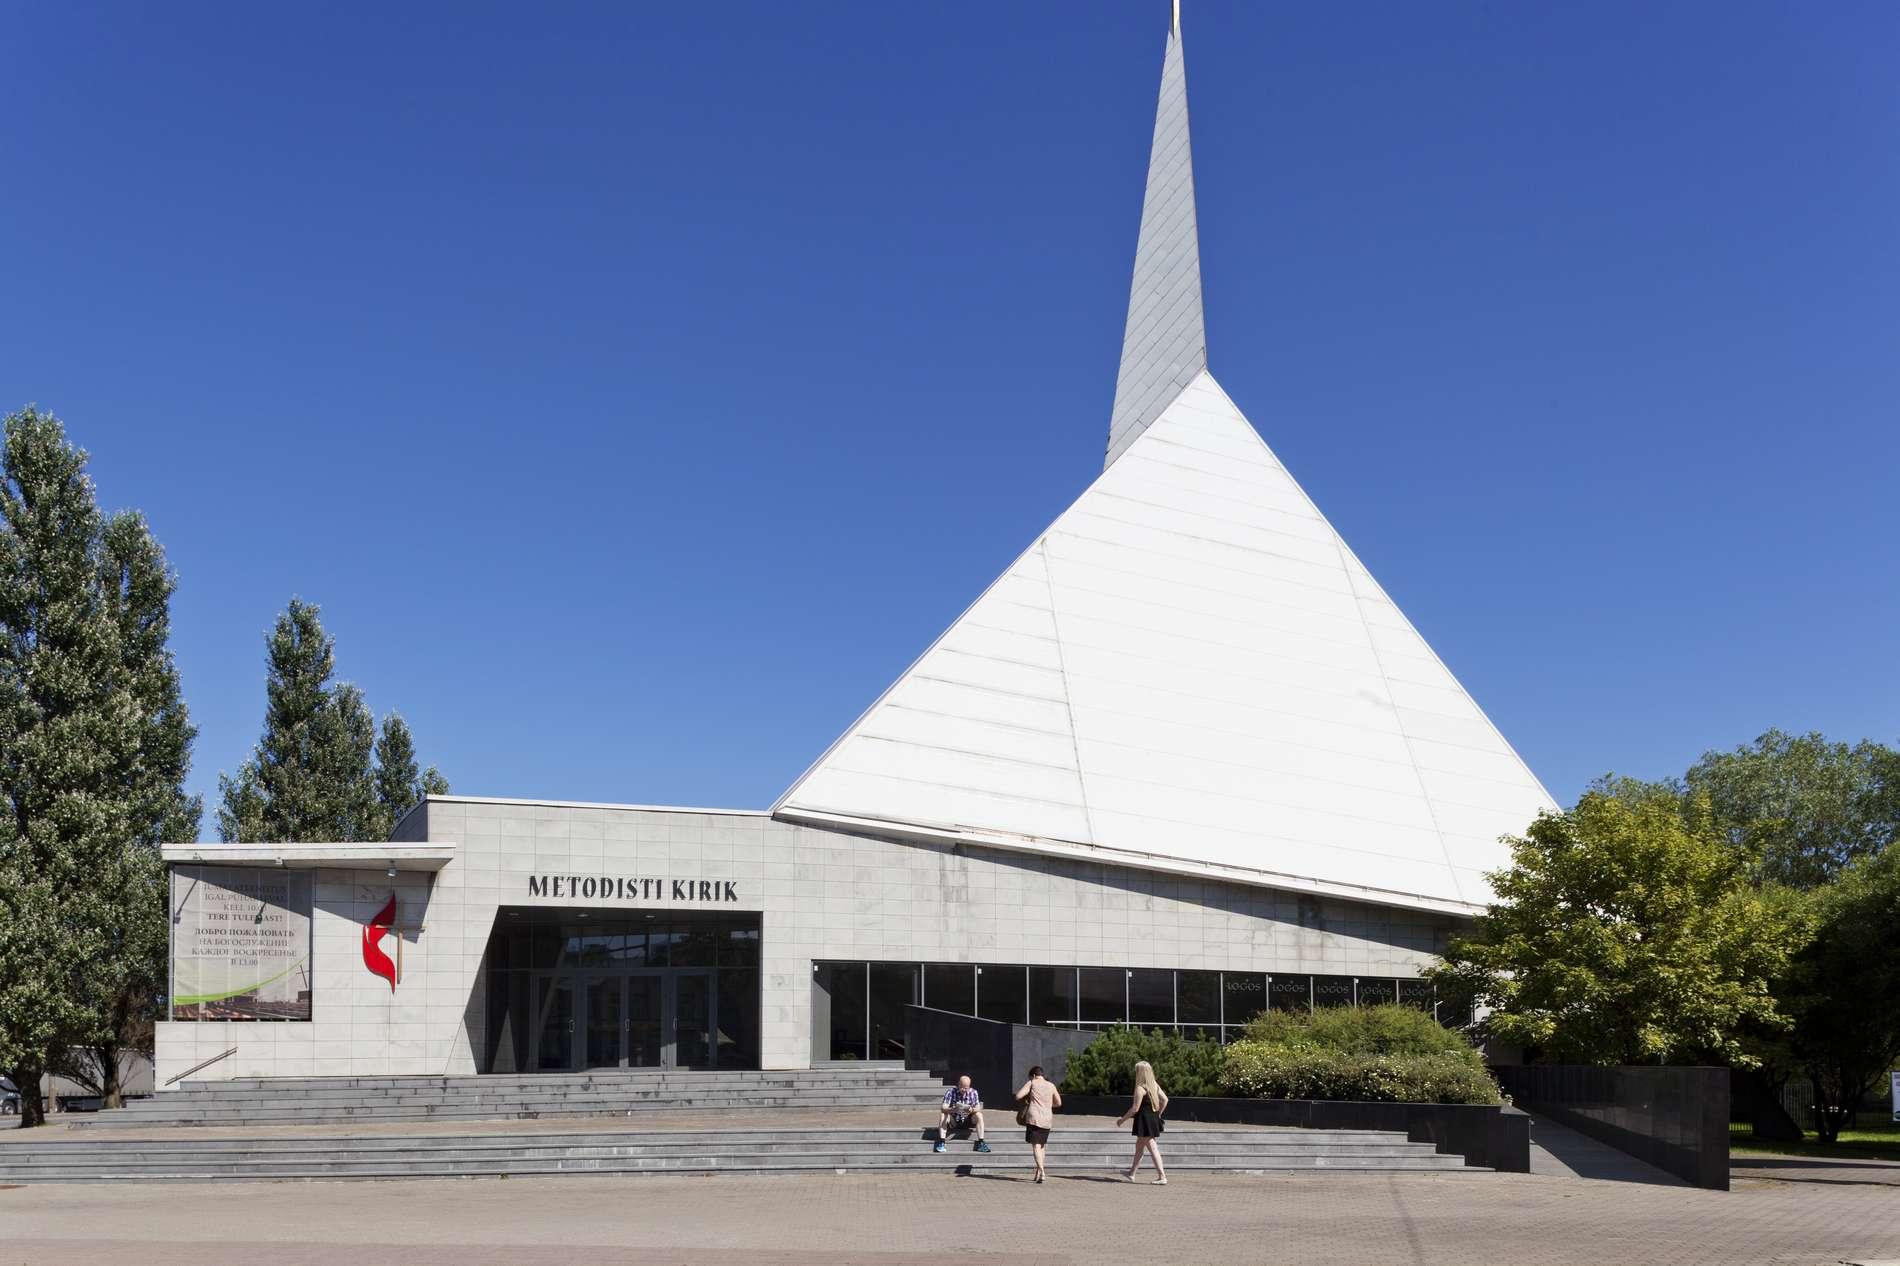 United Methodist Church in Estonia